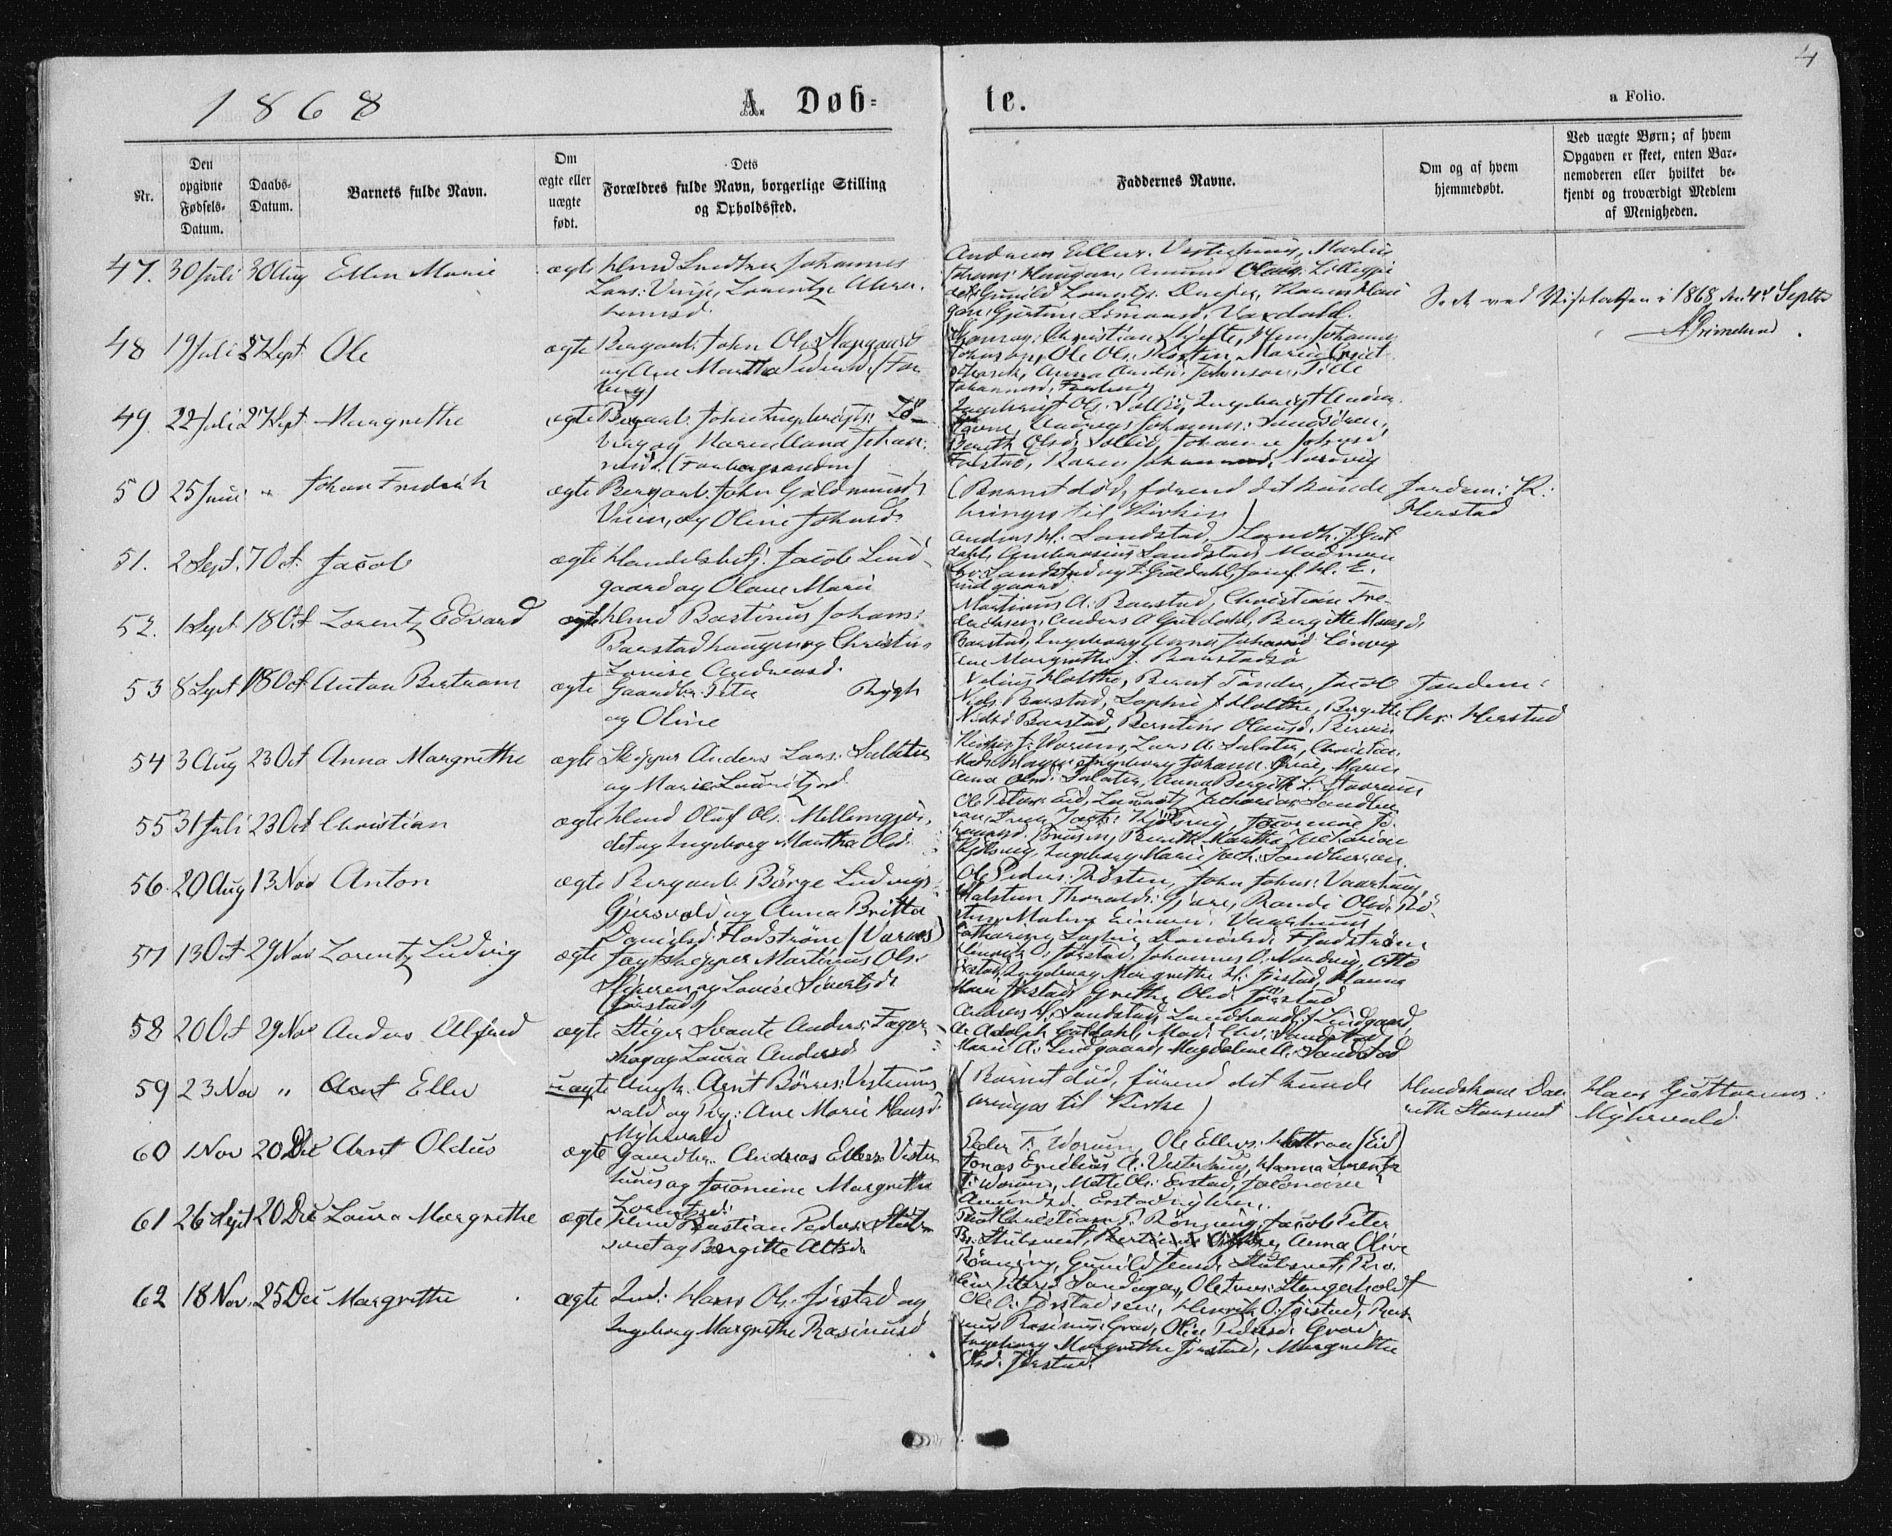 SAT, Ministerialprotokoller, klokkerbøker og fødselsregistre - Nord-Trøndelag, 722/L0219: Ministerialbok nr. 722A06, 1868-1880, s. 4